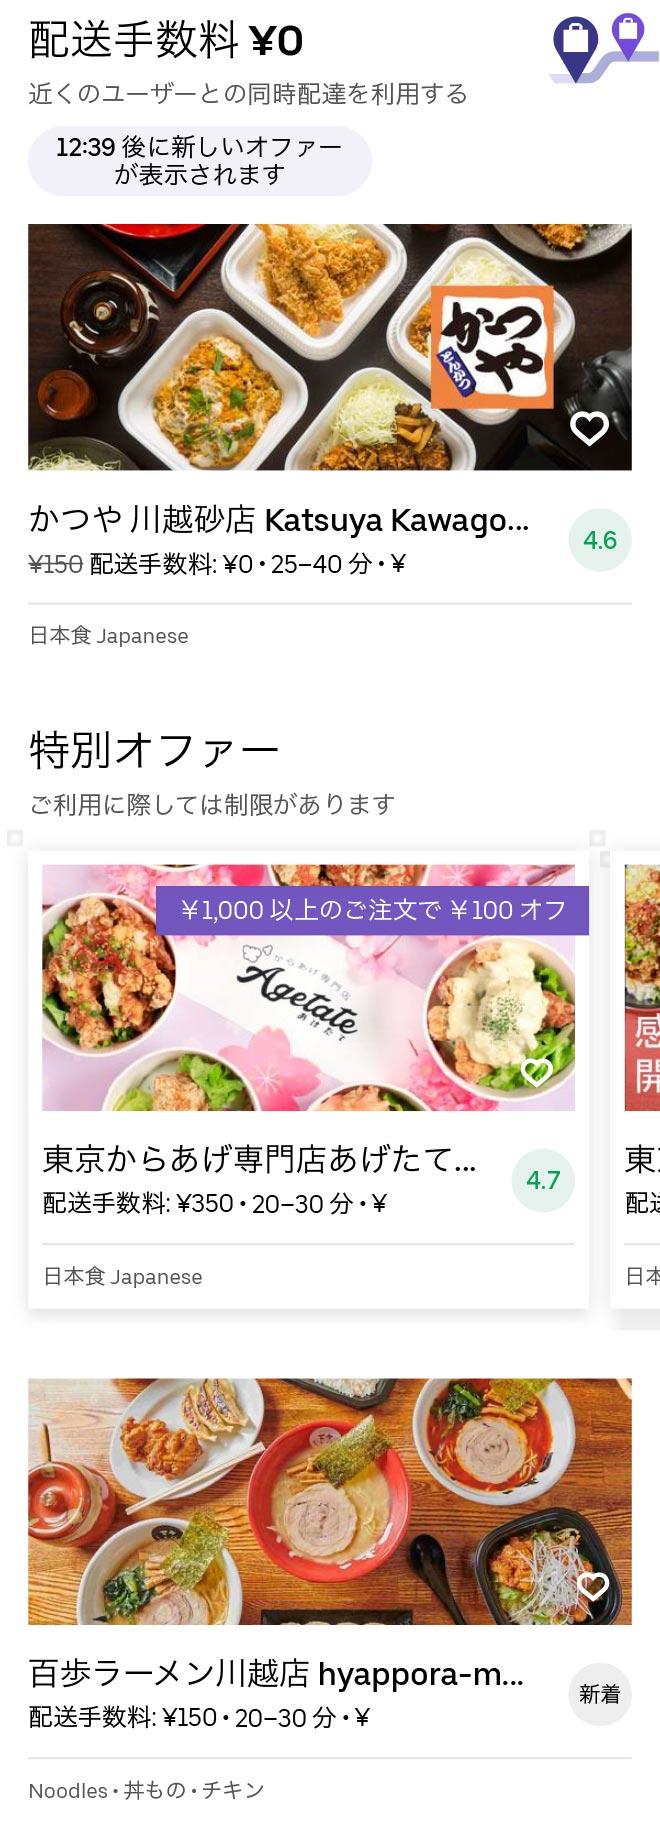 Shingashi menu 2008 01